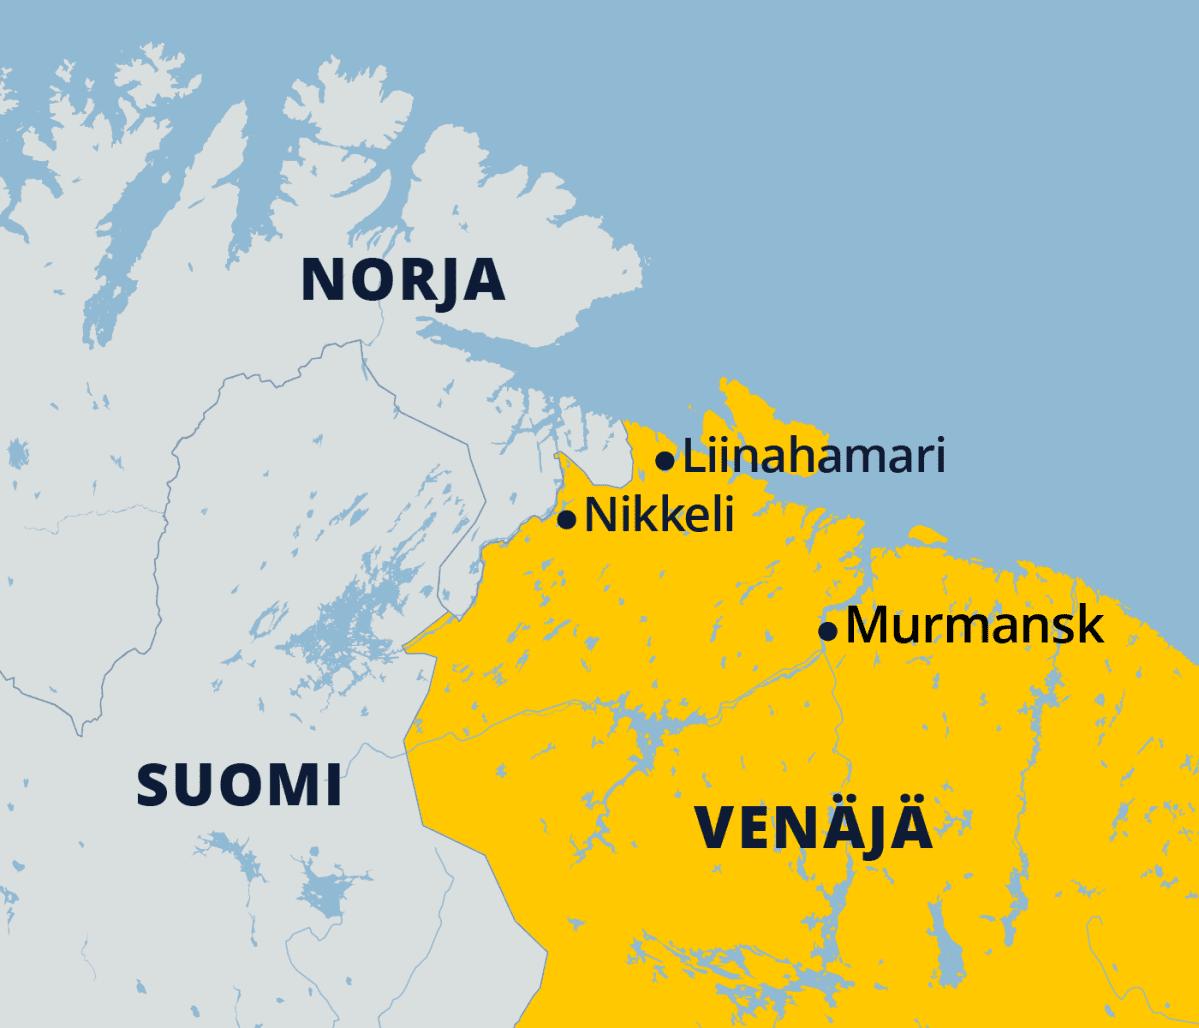 Kartassa Murmansk, Liinahamari ja Nikkeli Kuolan niemimaalla Venäjällä.